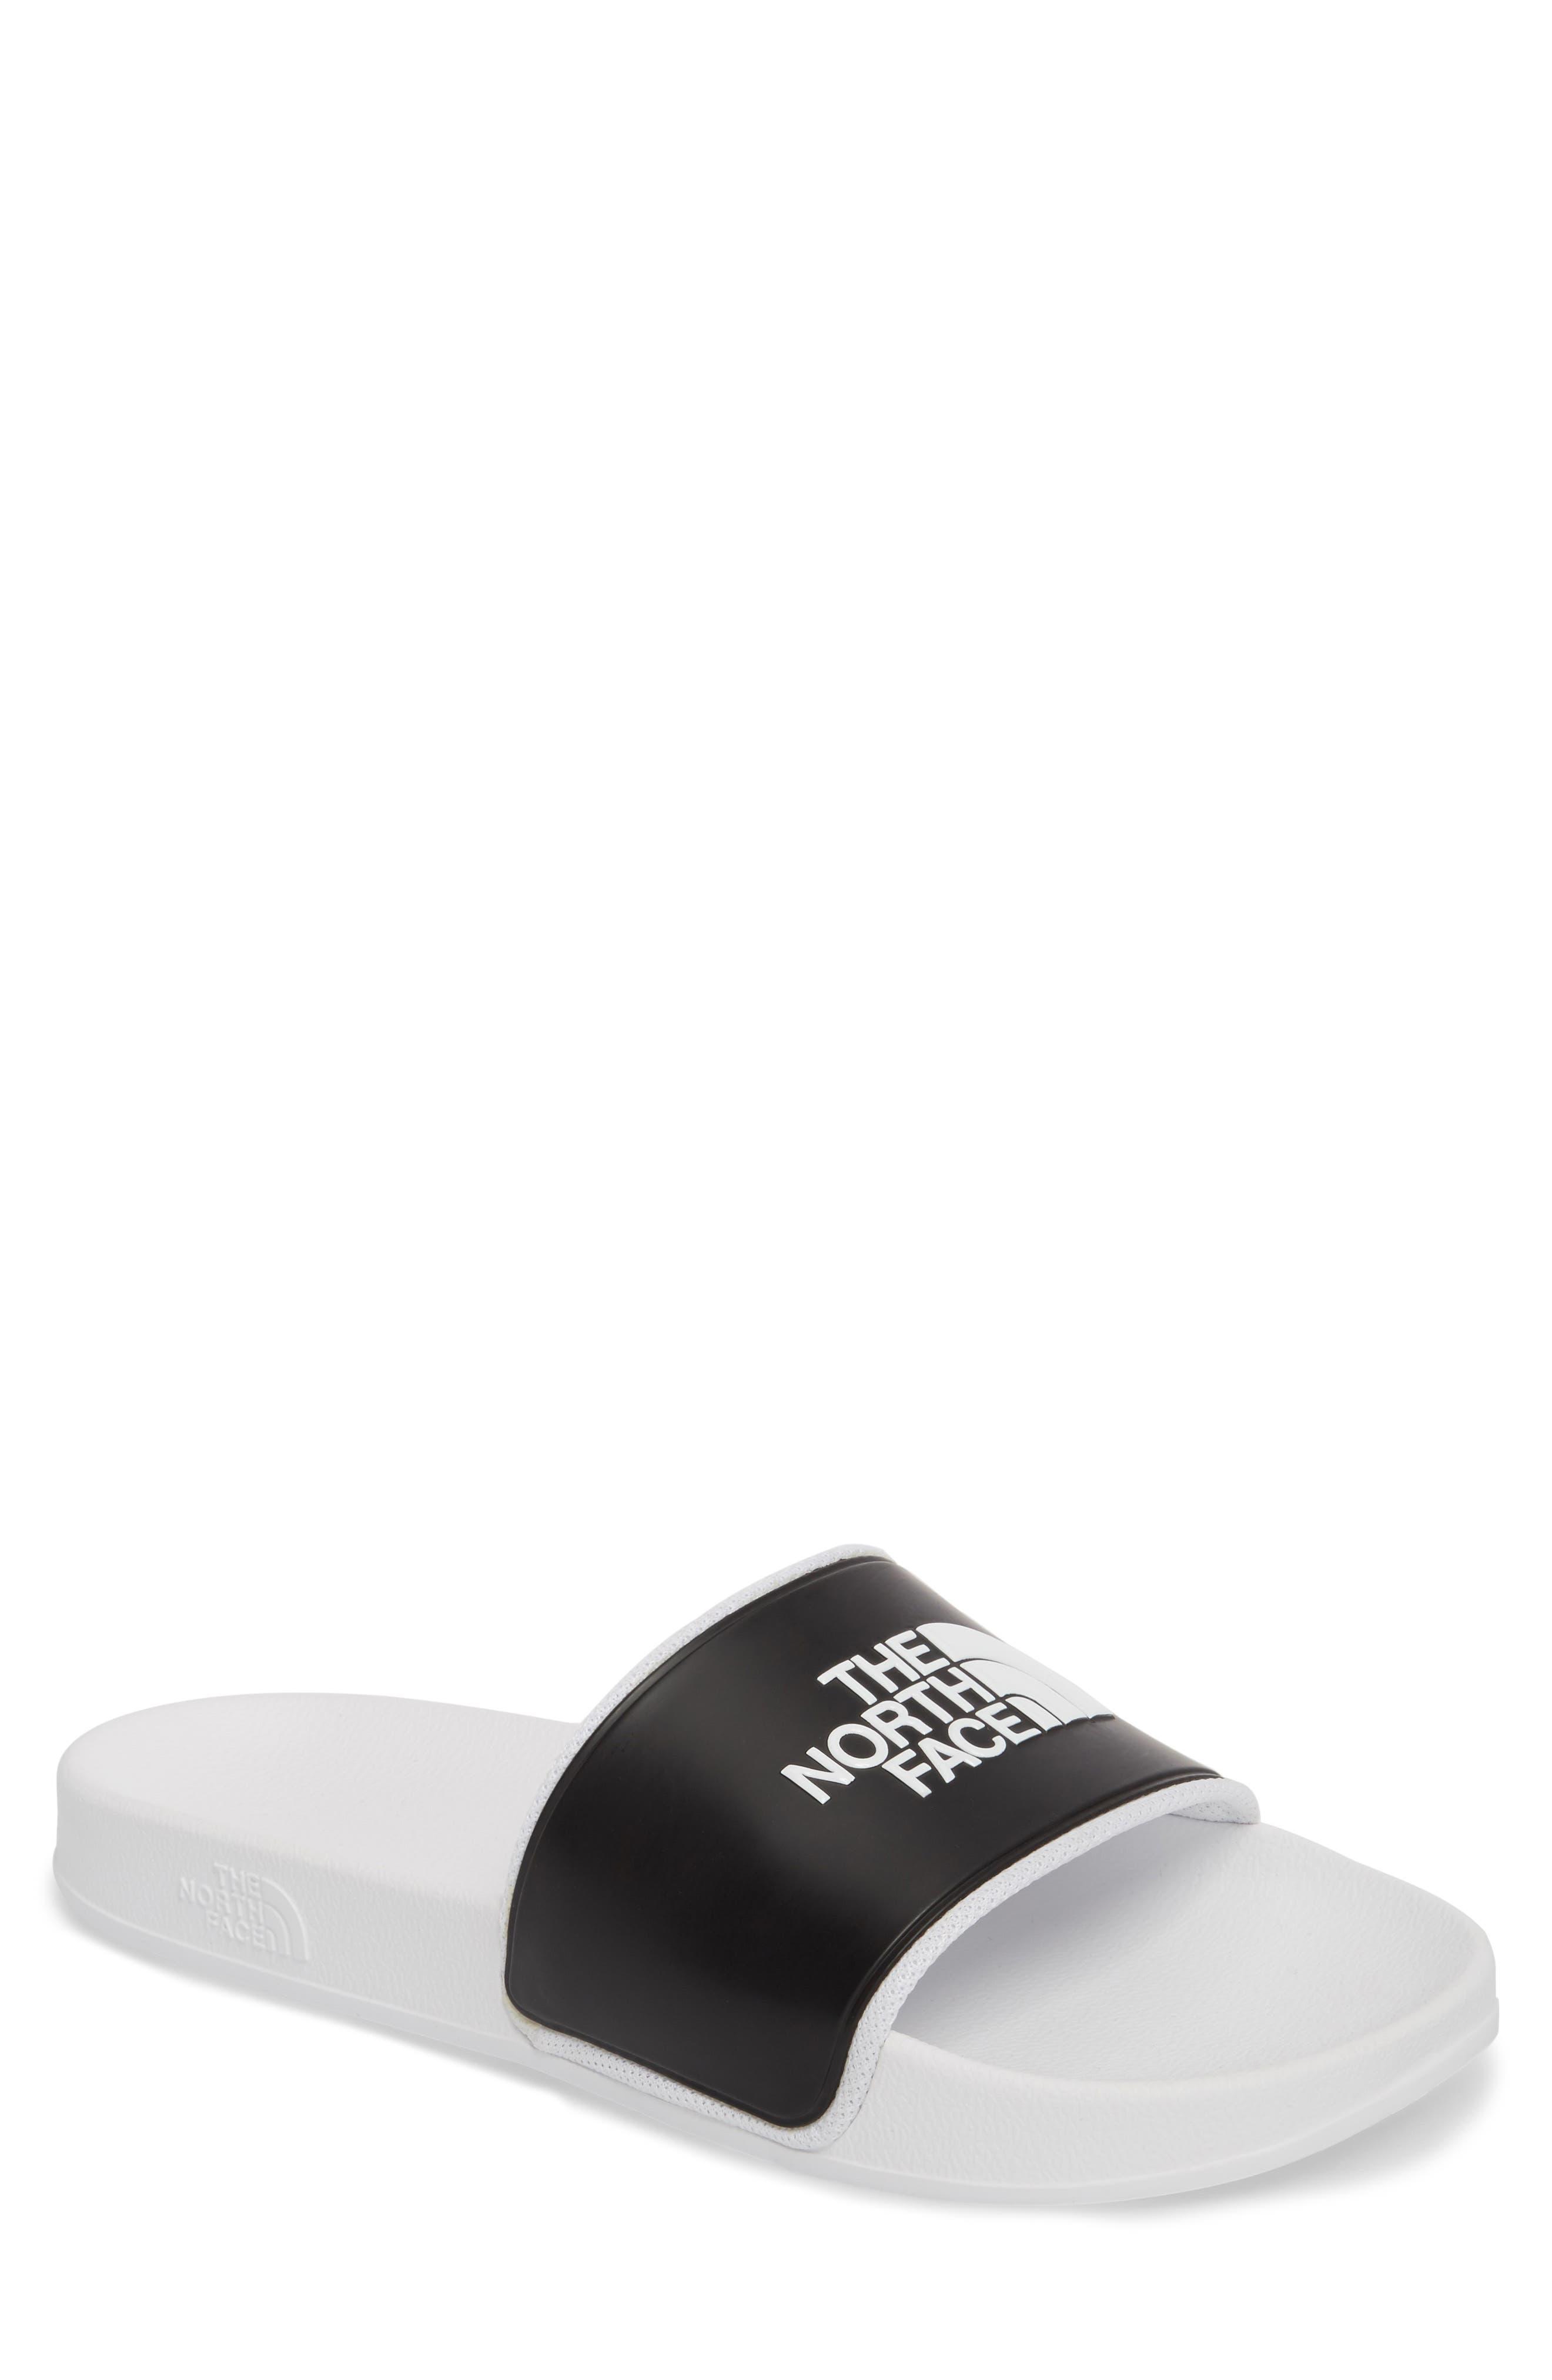 Base Camp II Slide Sandal,                         Main,                         color, Tnf White/ Tnf Black